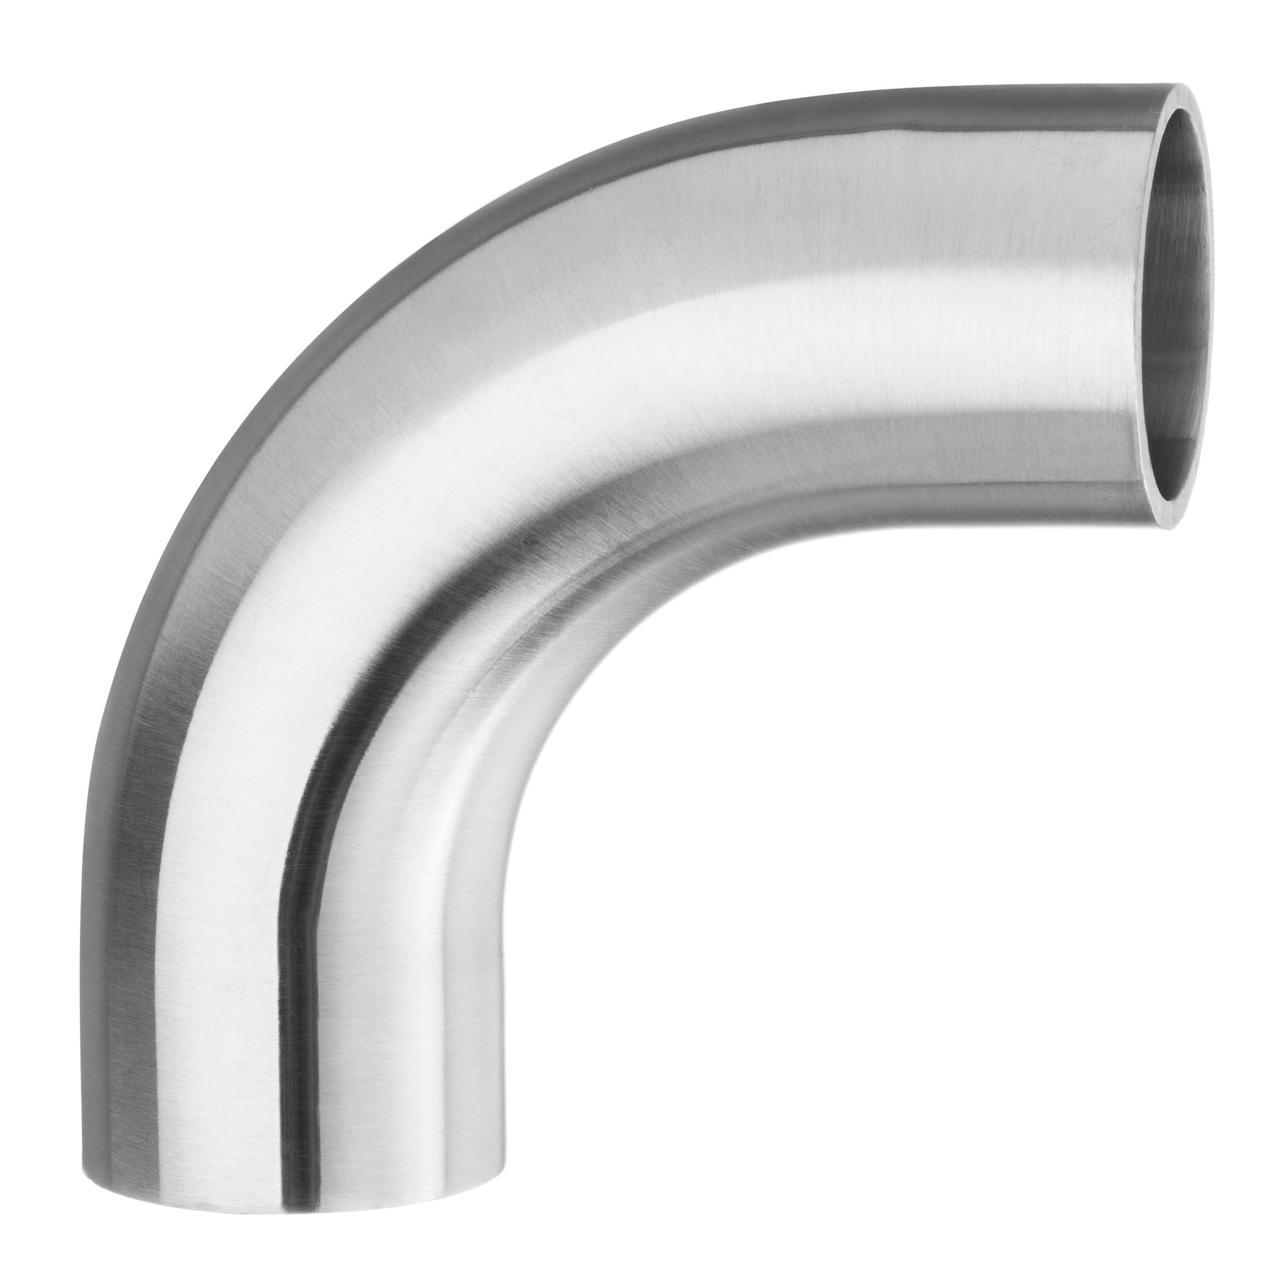 Угол отвода 90 градусов приварной (труба 38 мм)